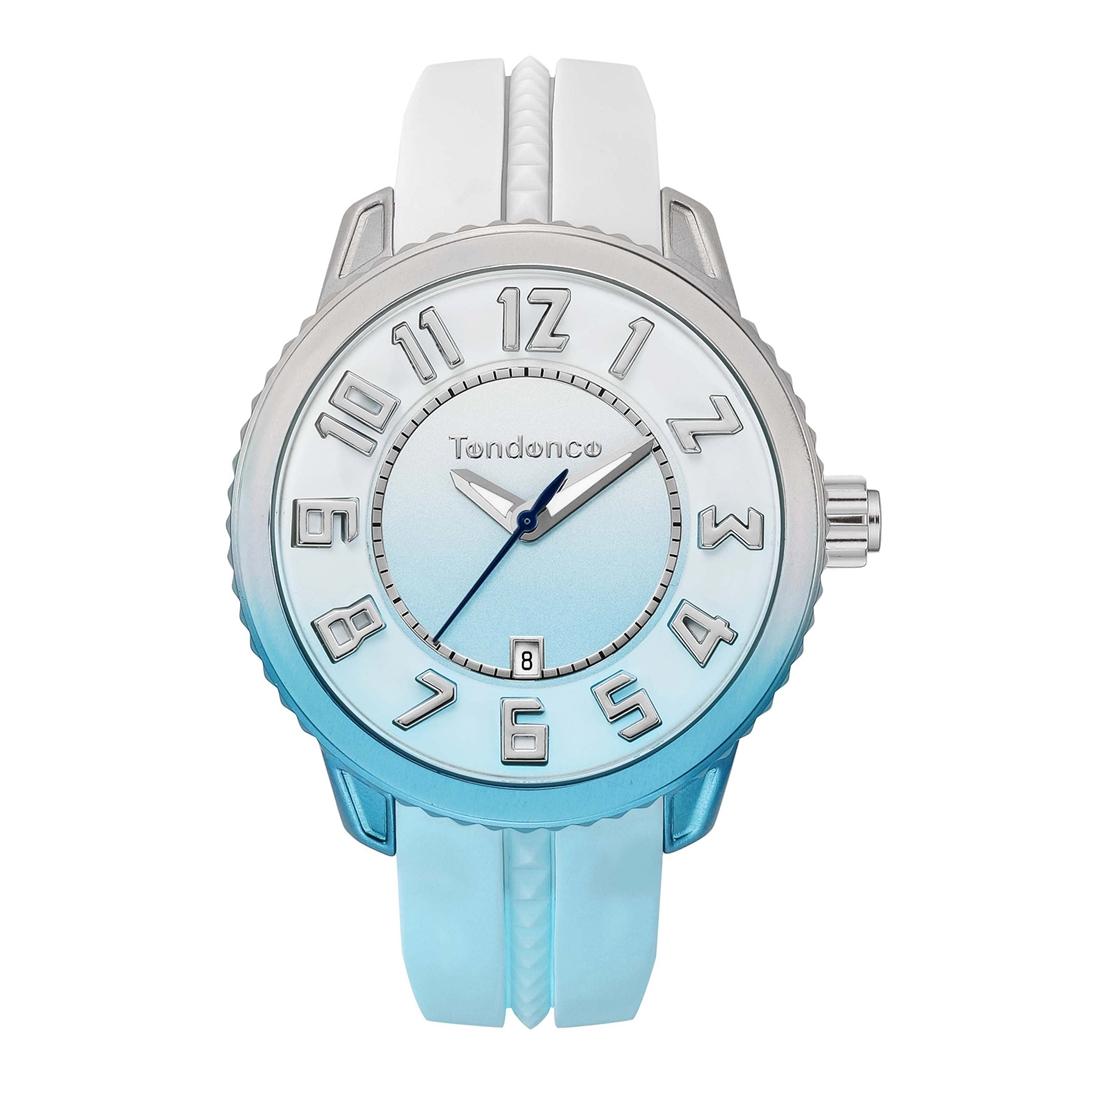 【1/13までトートバッグプレゼント】 正規品 Tendence テンデンス TY933001 ディカラー スカイ 腕時計